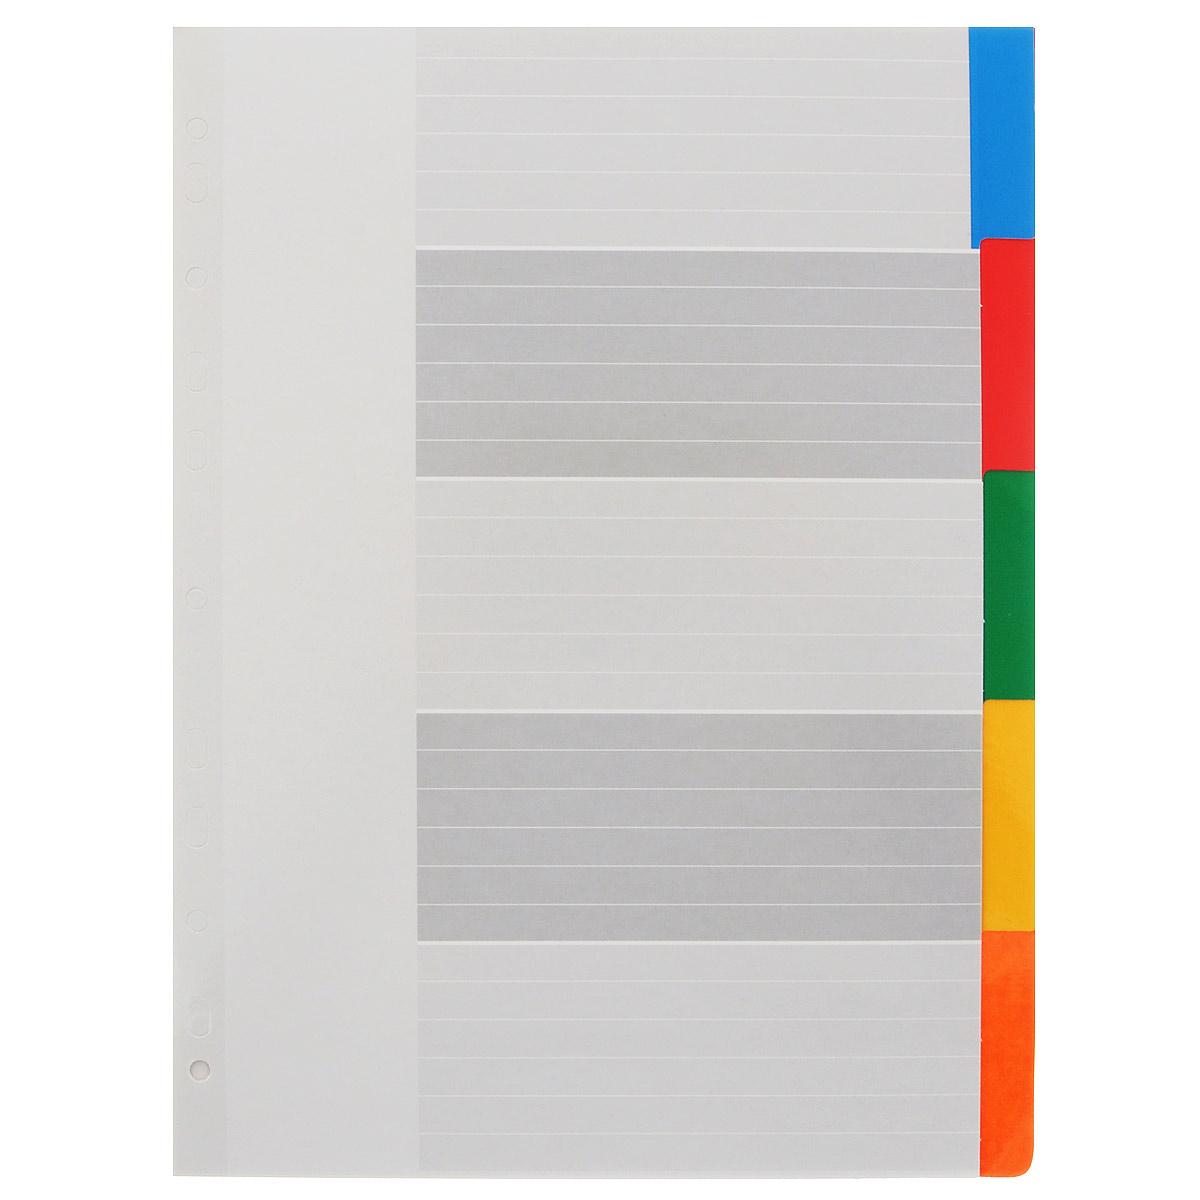 """Разделители из набора Berlingo """"Цветовой"""" предназначены для хранения и классификации документов формата А4 в папках или тетрадях на кольцах. Изготовлены из картона со вставками 5 ярких классических цветов: синего, красного, зеленого, желтого и оранжевого. Имеют боковую мультиперфорацию. В наборе 5 разделителей."""